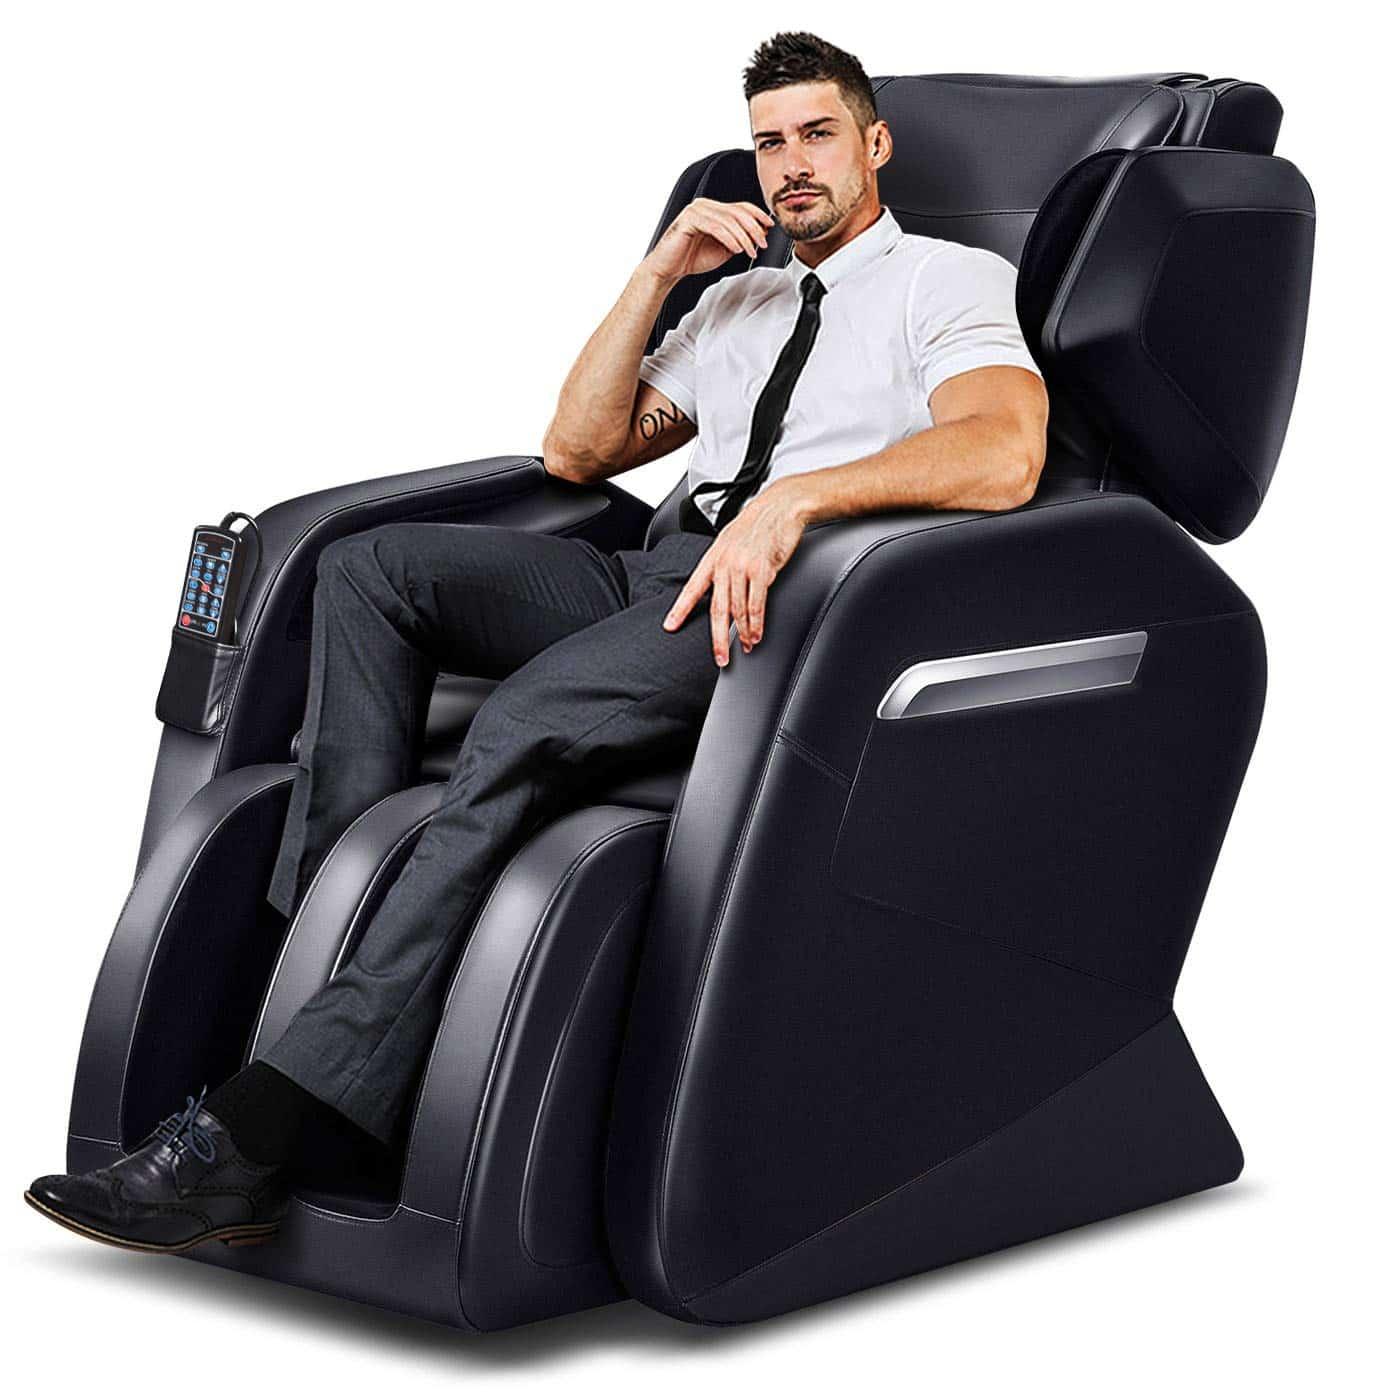 Sinoluck Tinycooper Full Body Massage Chair